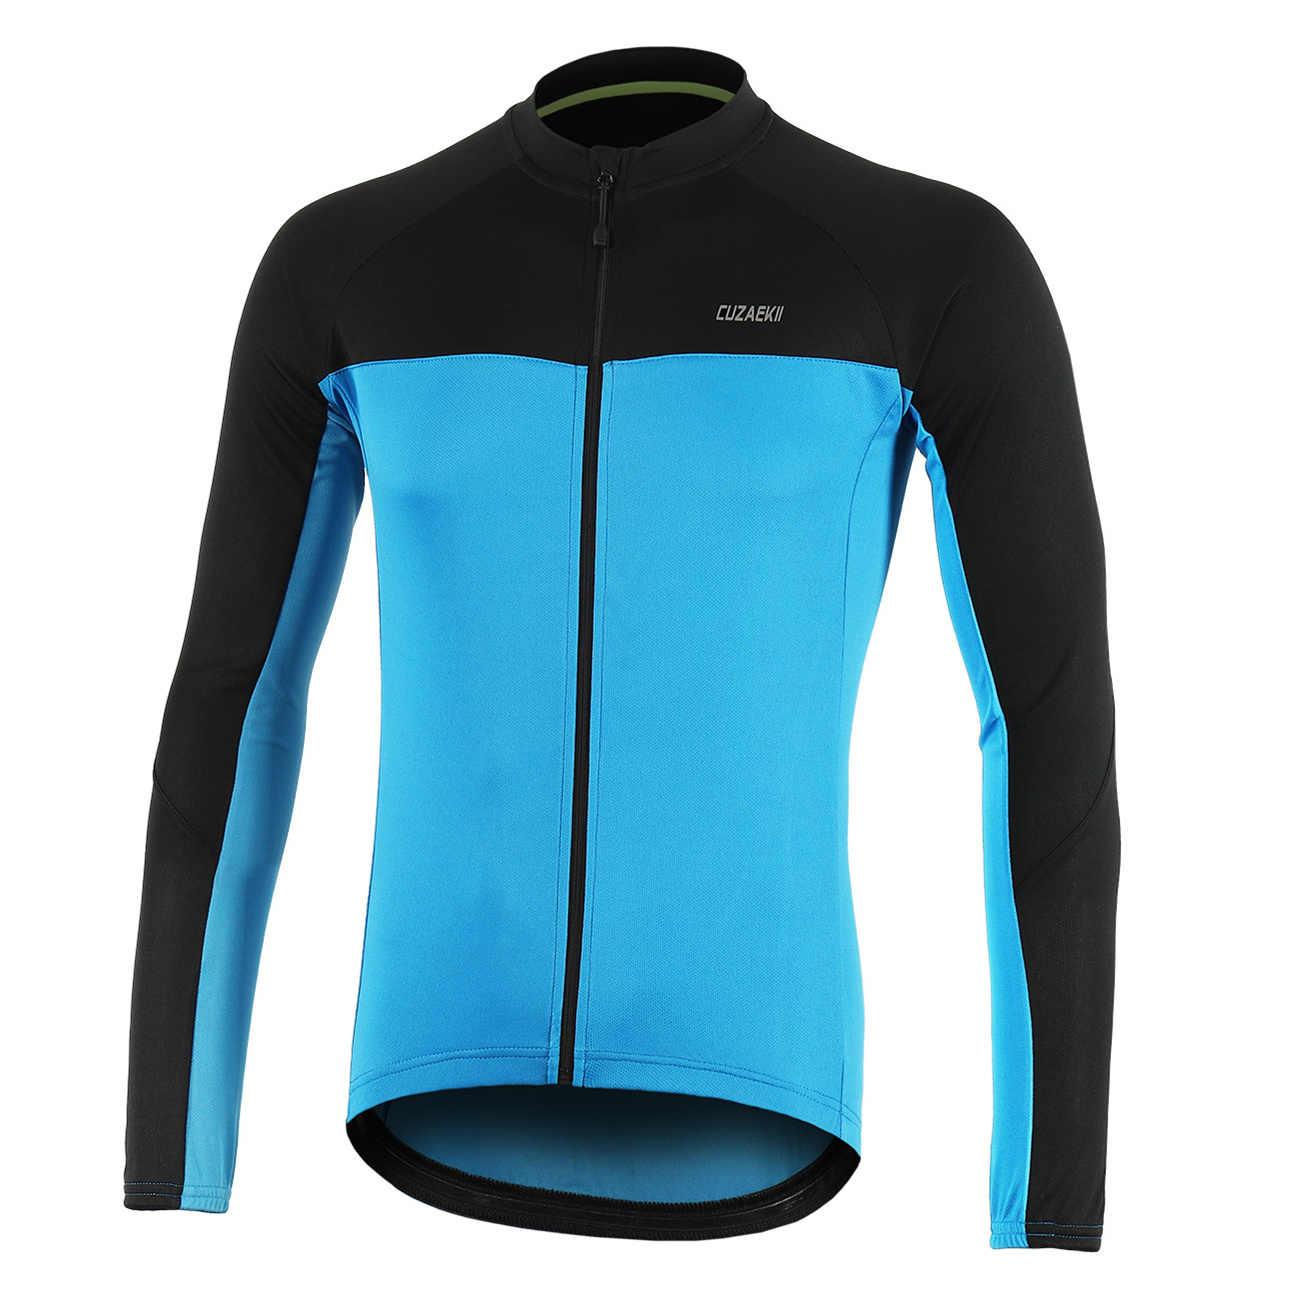 Cuzaekii degli uomini di Estate Della Chiusura Lampo Piena Ciclismo Jersey Maniche Lunghe MTB Mountain Bike Abbigliamento Sportivo Camicette-Fluorescente Verde Rosso Blu